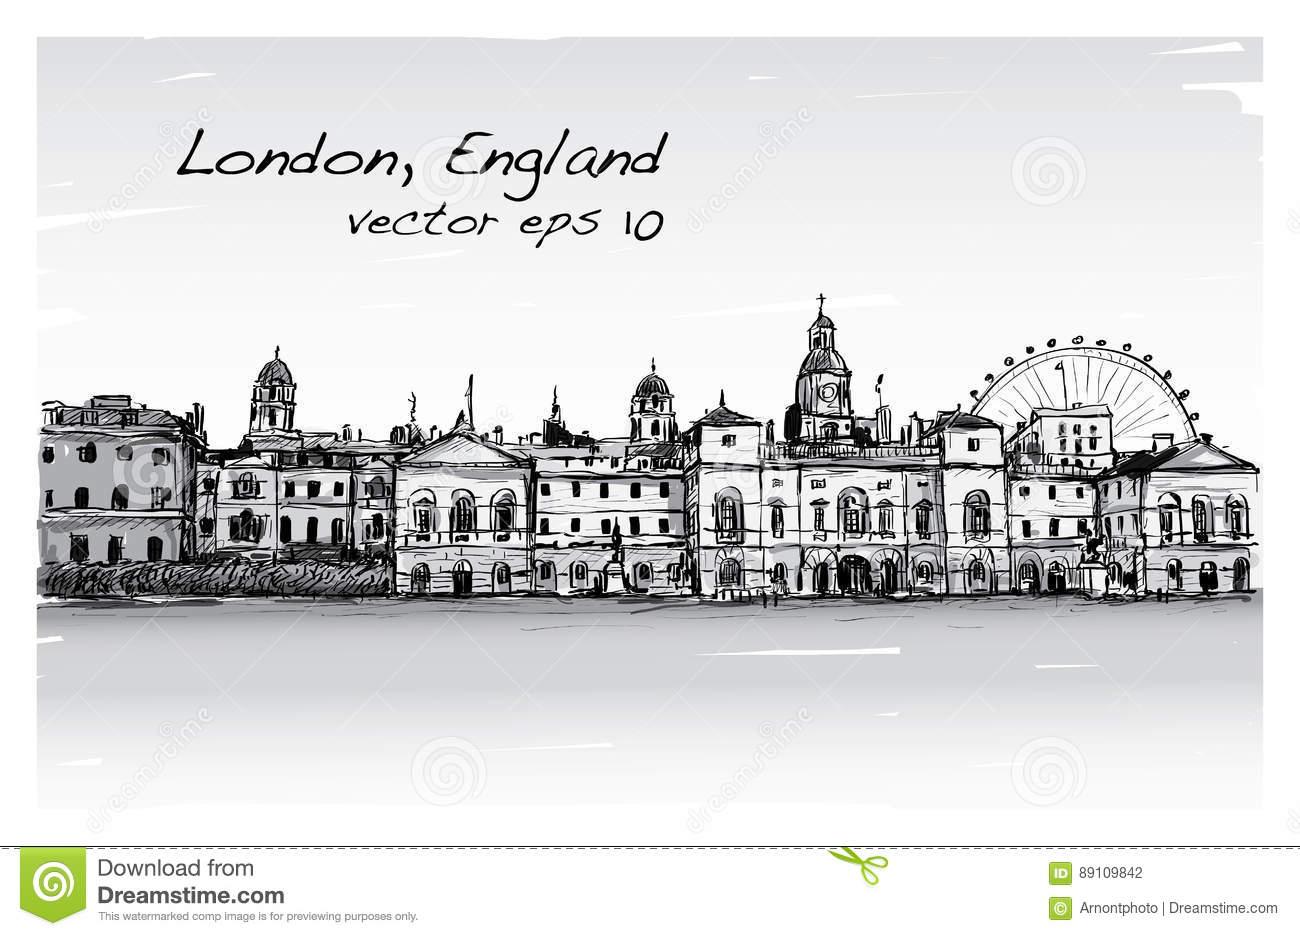 Le Dessin De Scape De Ville À Londres, Angleterre, Montrent encequiconcerne Dessin De Angleterre